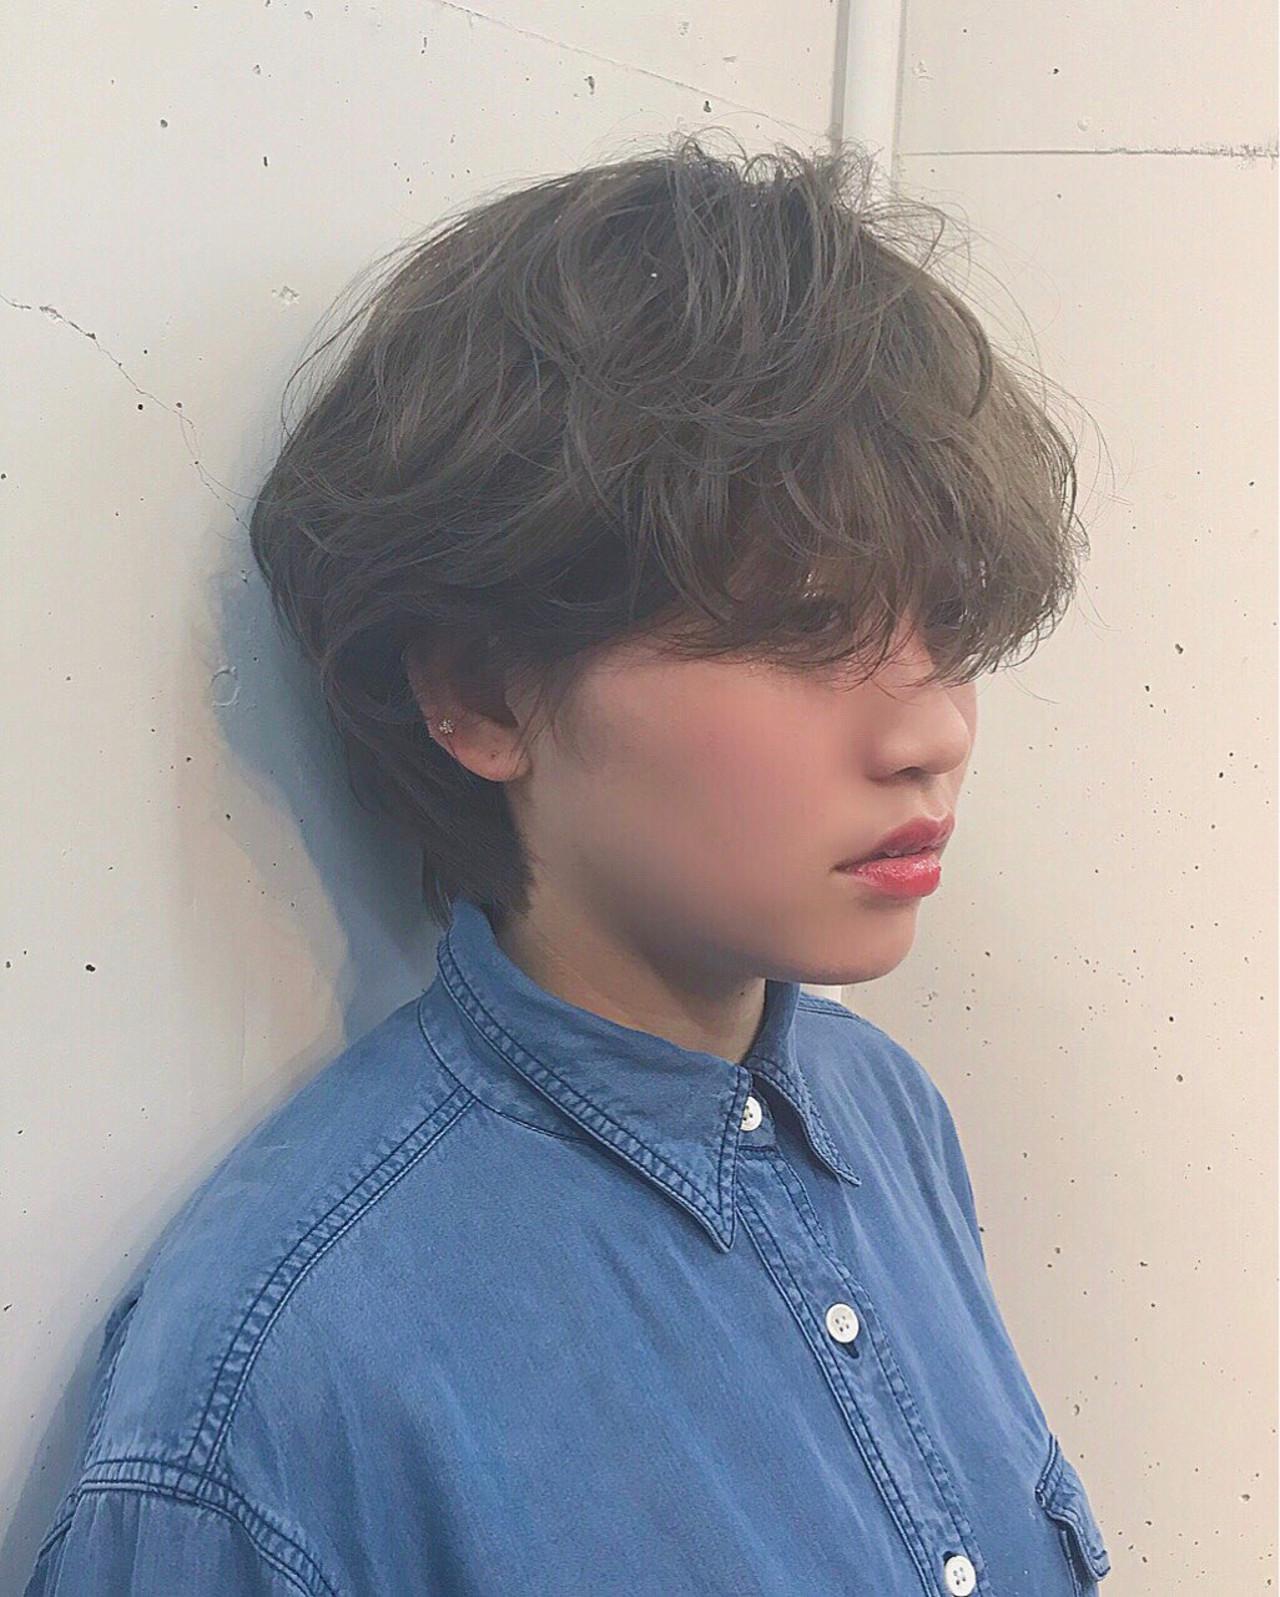 波打ちパーマでマンネリ脱出!大人可愛いがギュッと詰まった魅惑のモテパーマ♡ yufa / hair salon curve